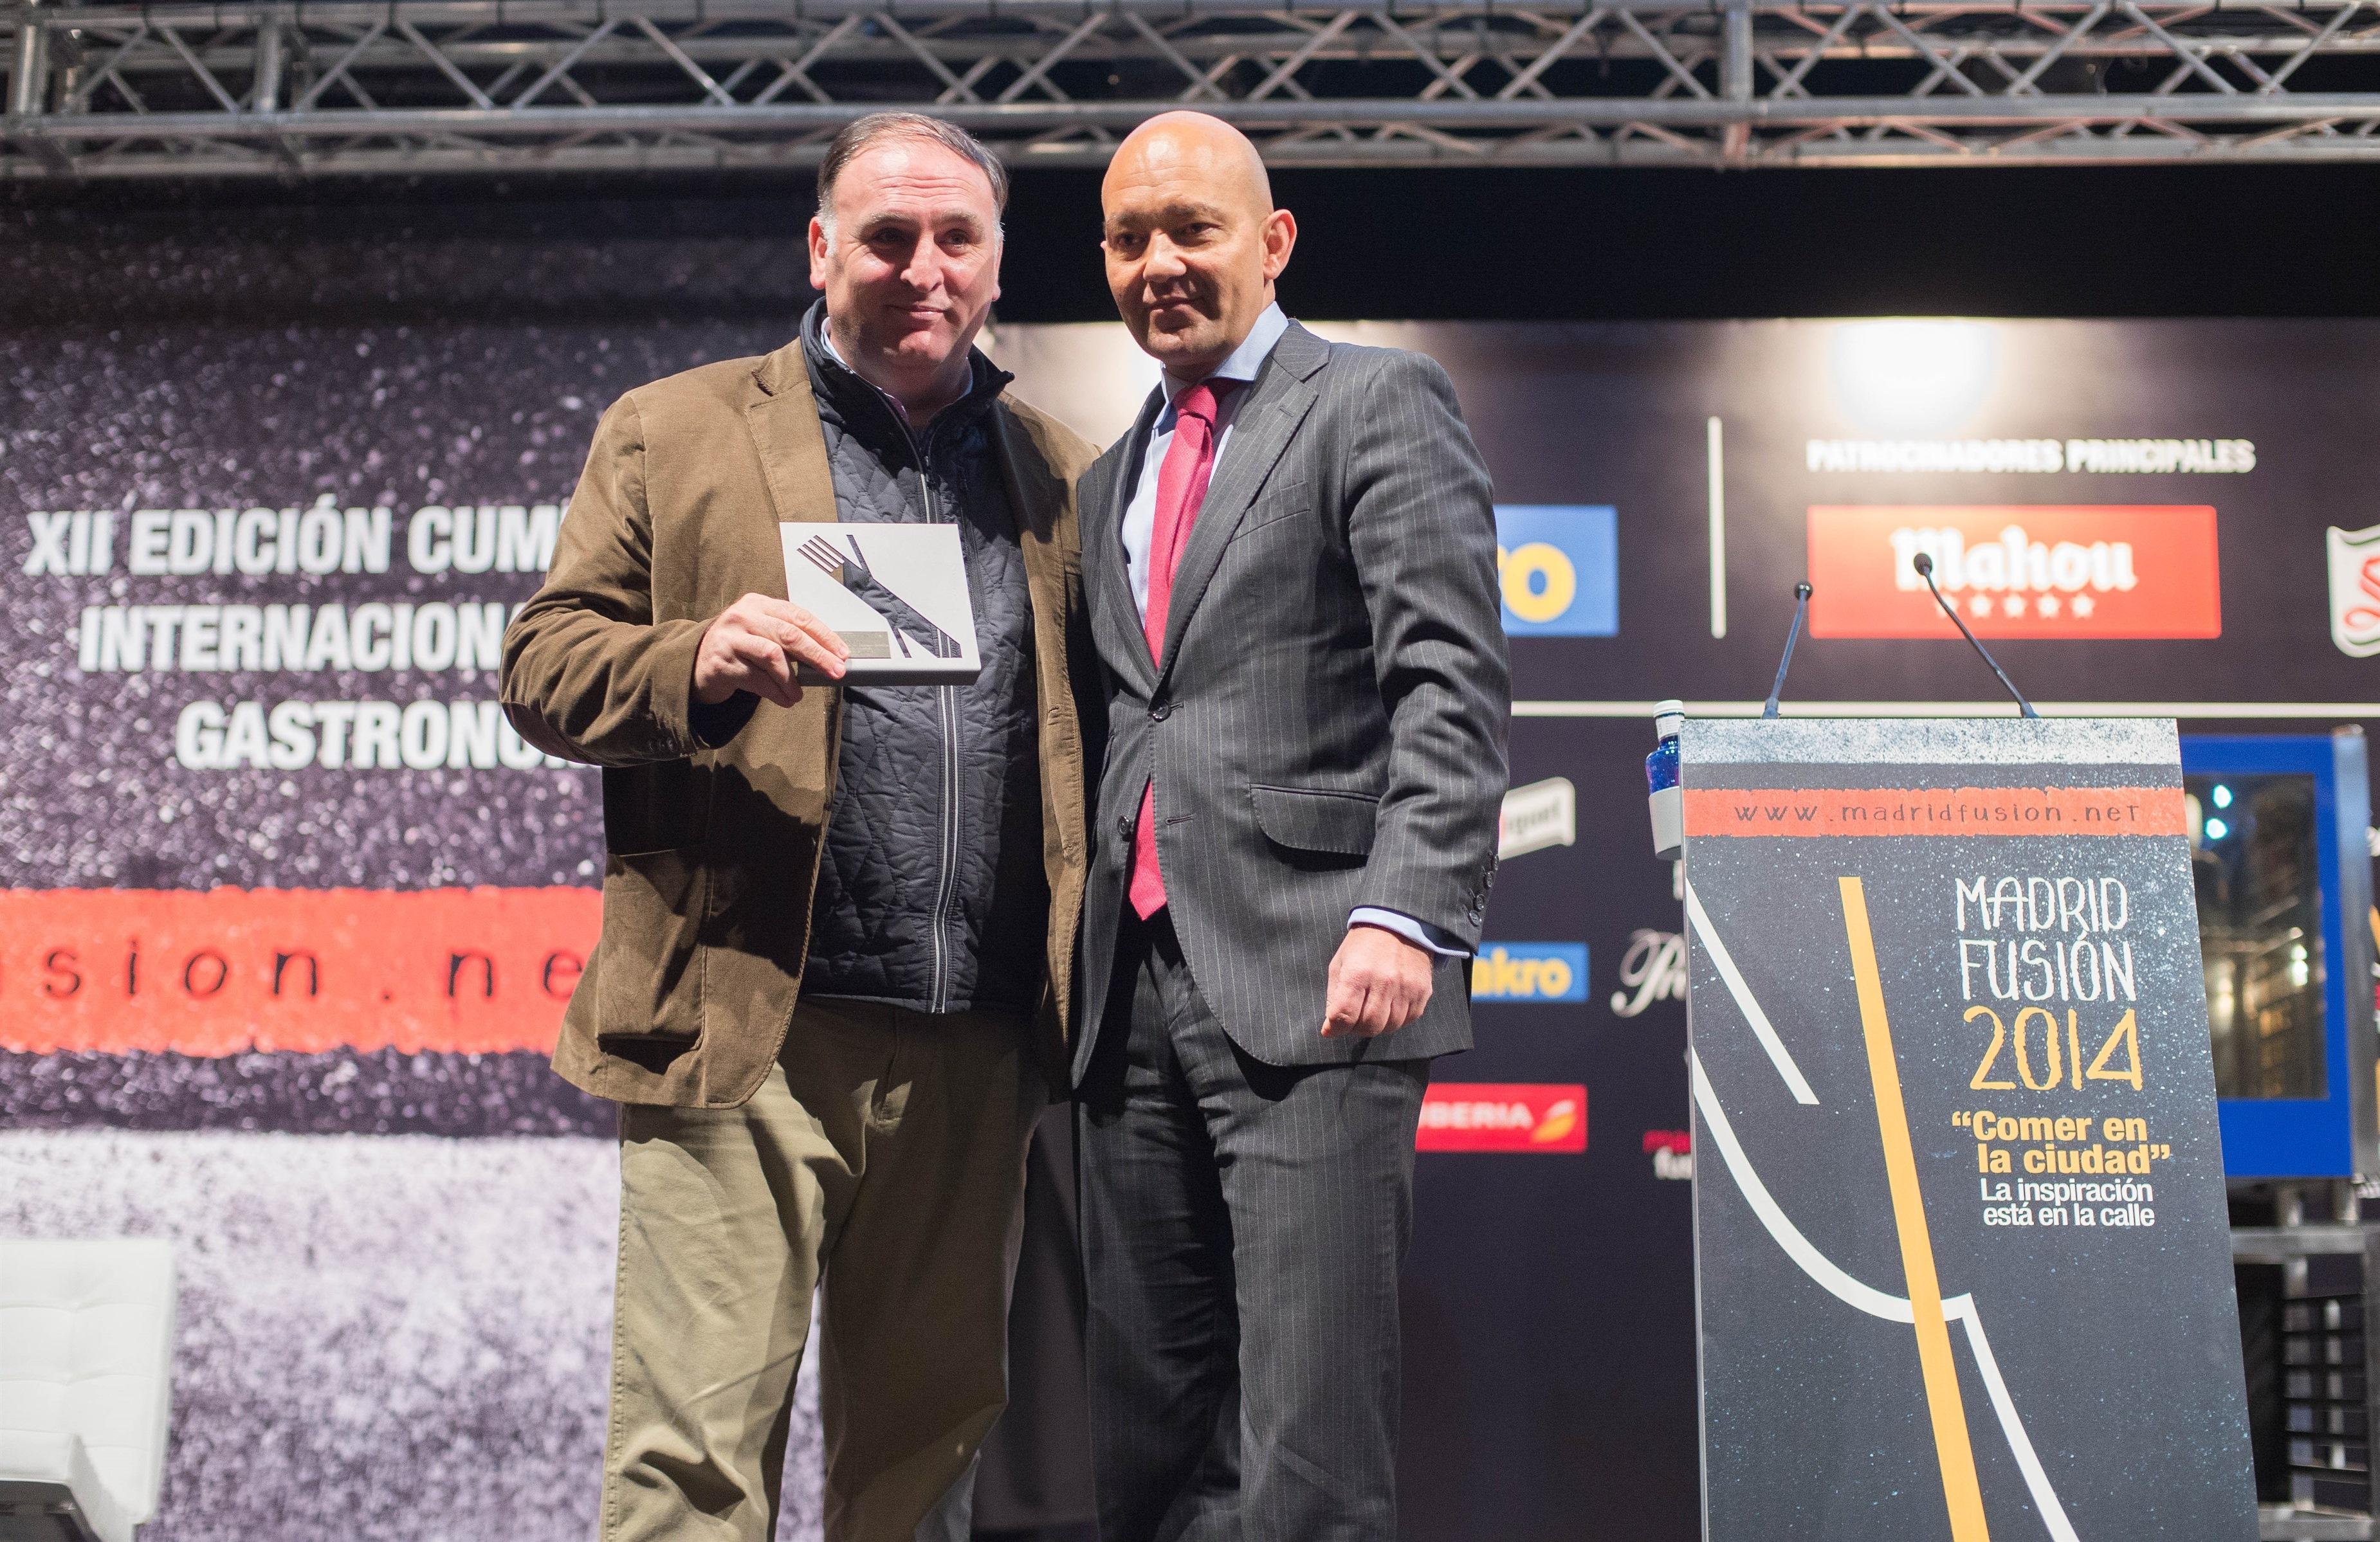 José Andrés recoge el Premio »Exportando España» por contribuir a la internacionalización de gastronomía